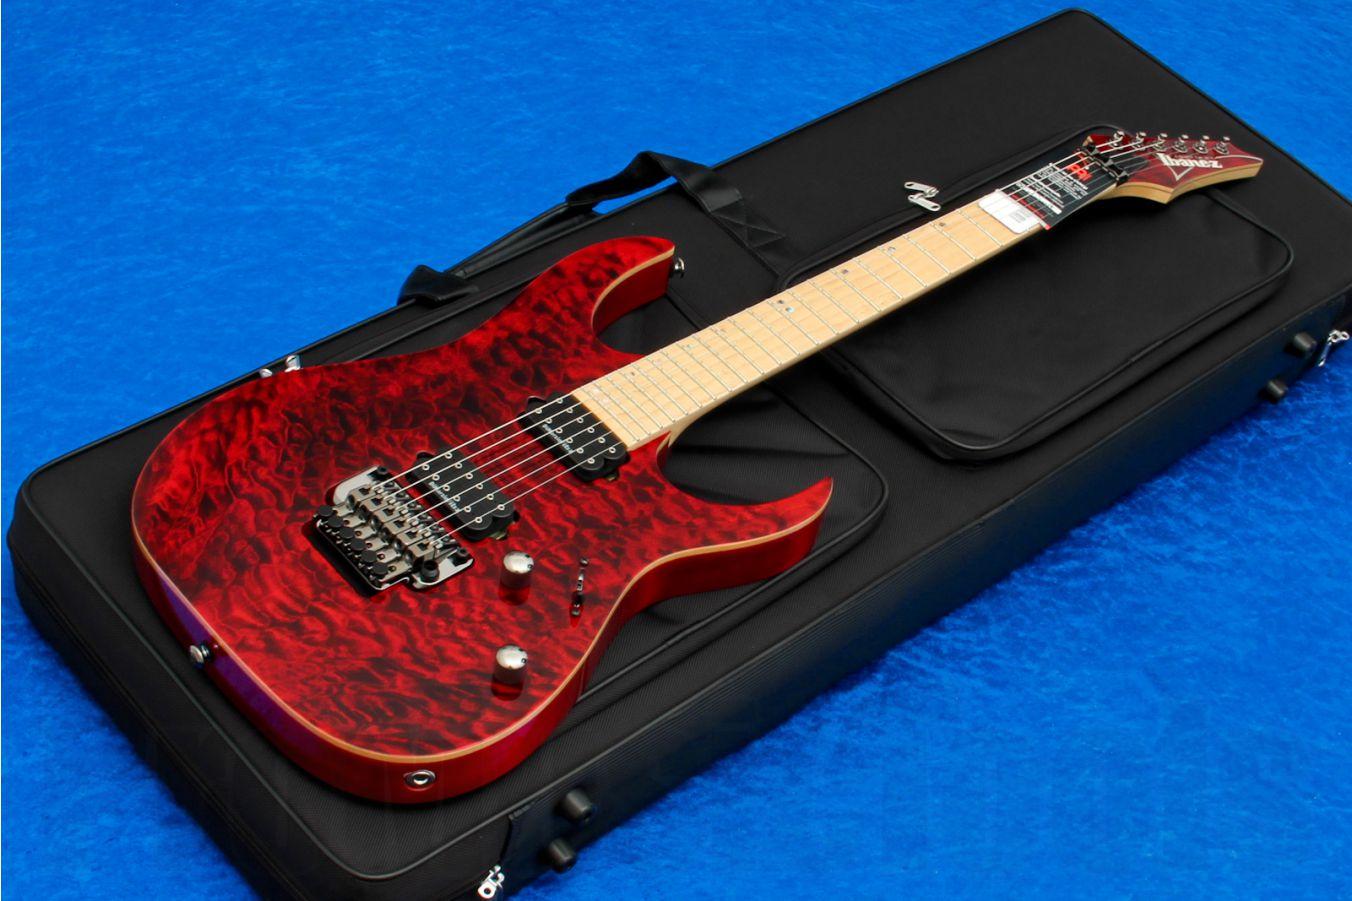 Ibanez RG920MQMZ RDT Premium - Red Desert - Limited Edition - demo